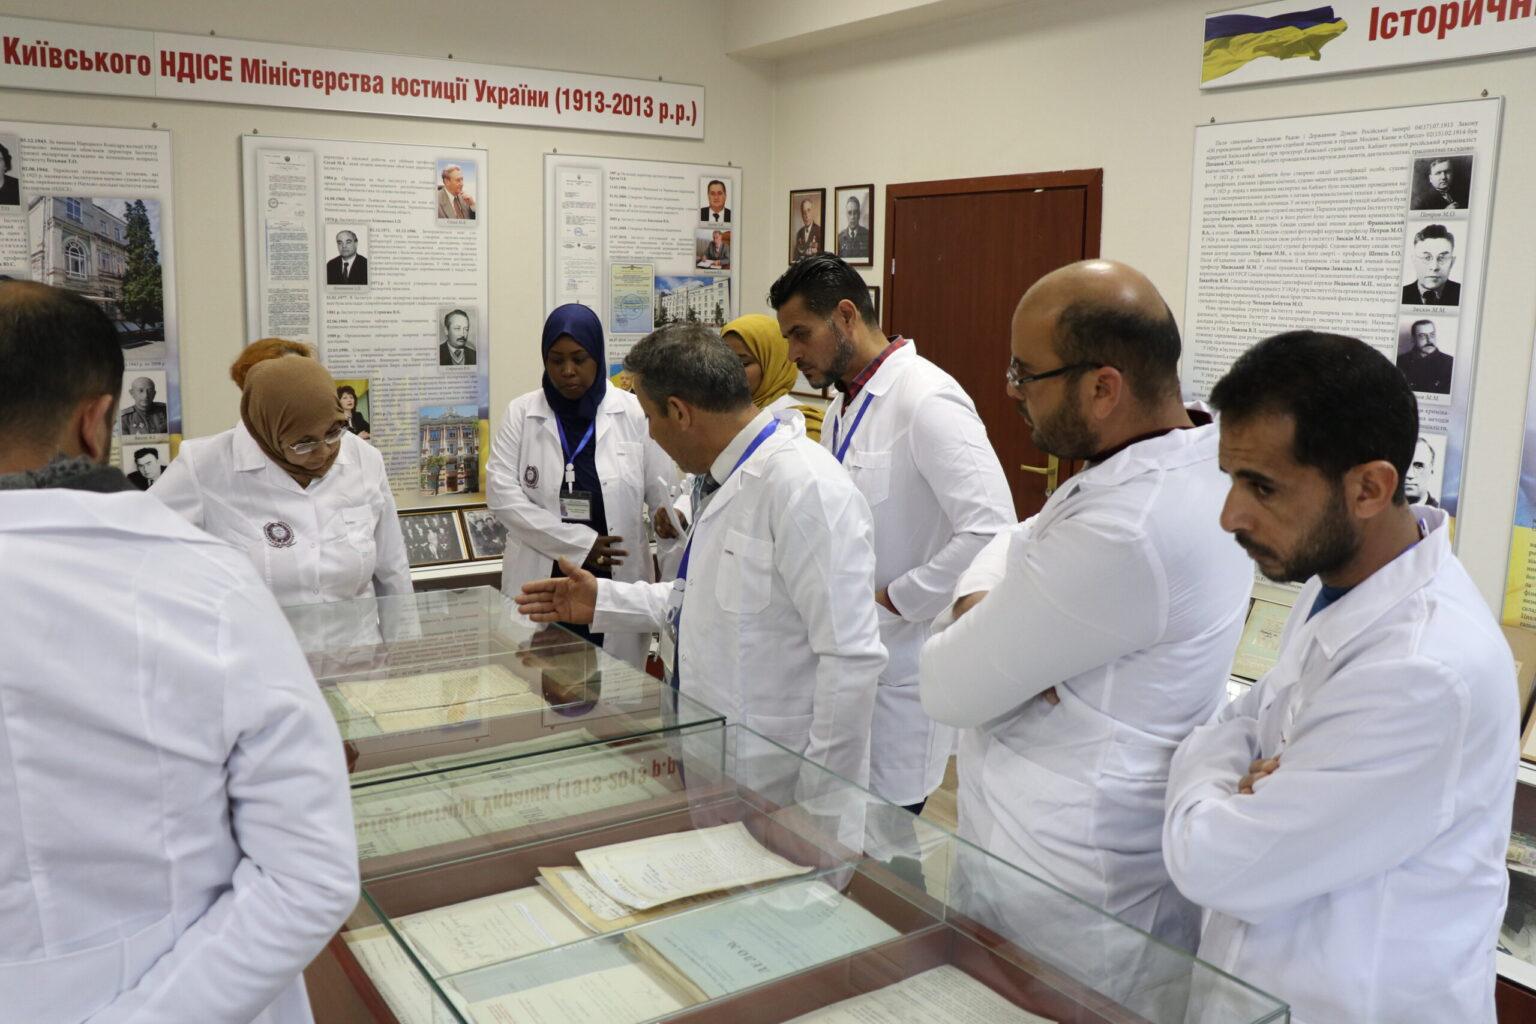 Експерти Київського НДІСЕ поділилися досвідом з колегами кримінальної поліції Лівії